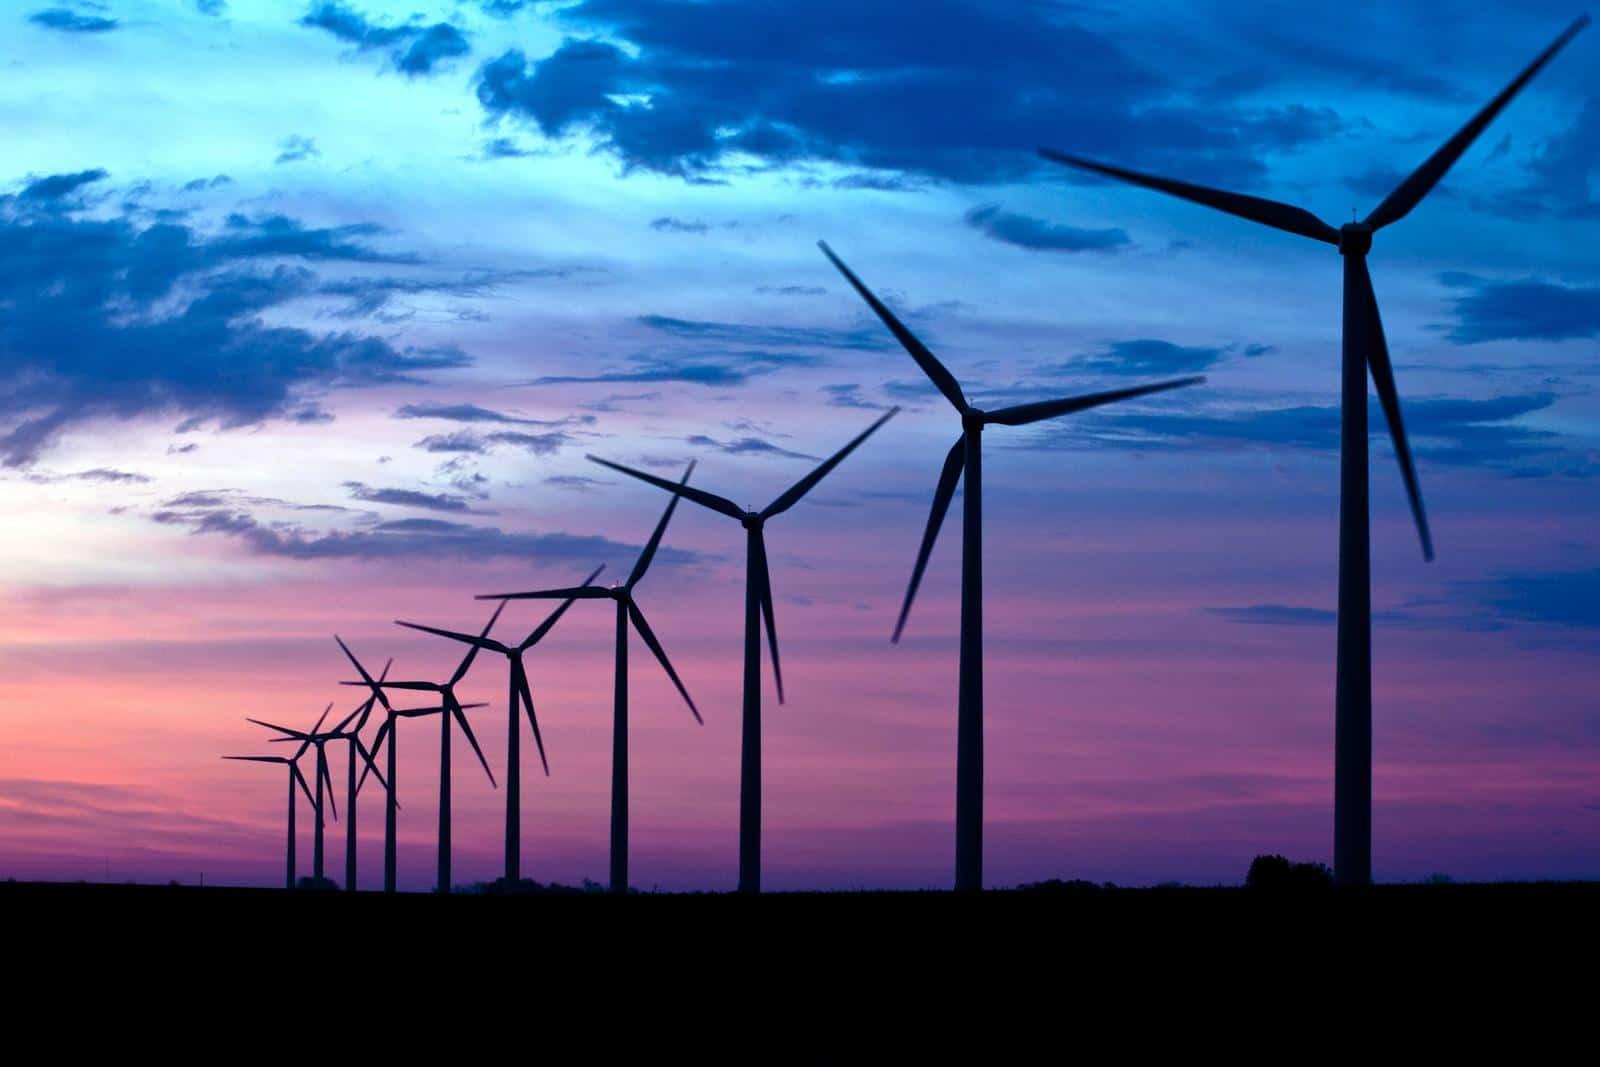 澳洲再生能源發展迅速 能滿足70%家居用電量